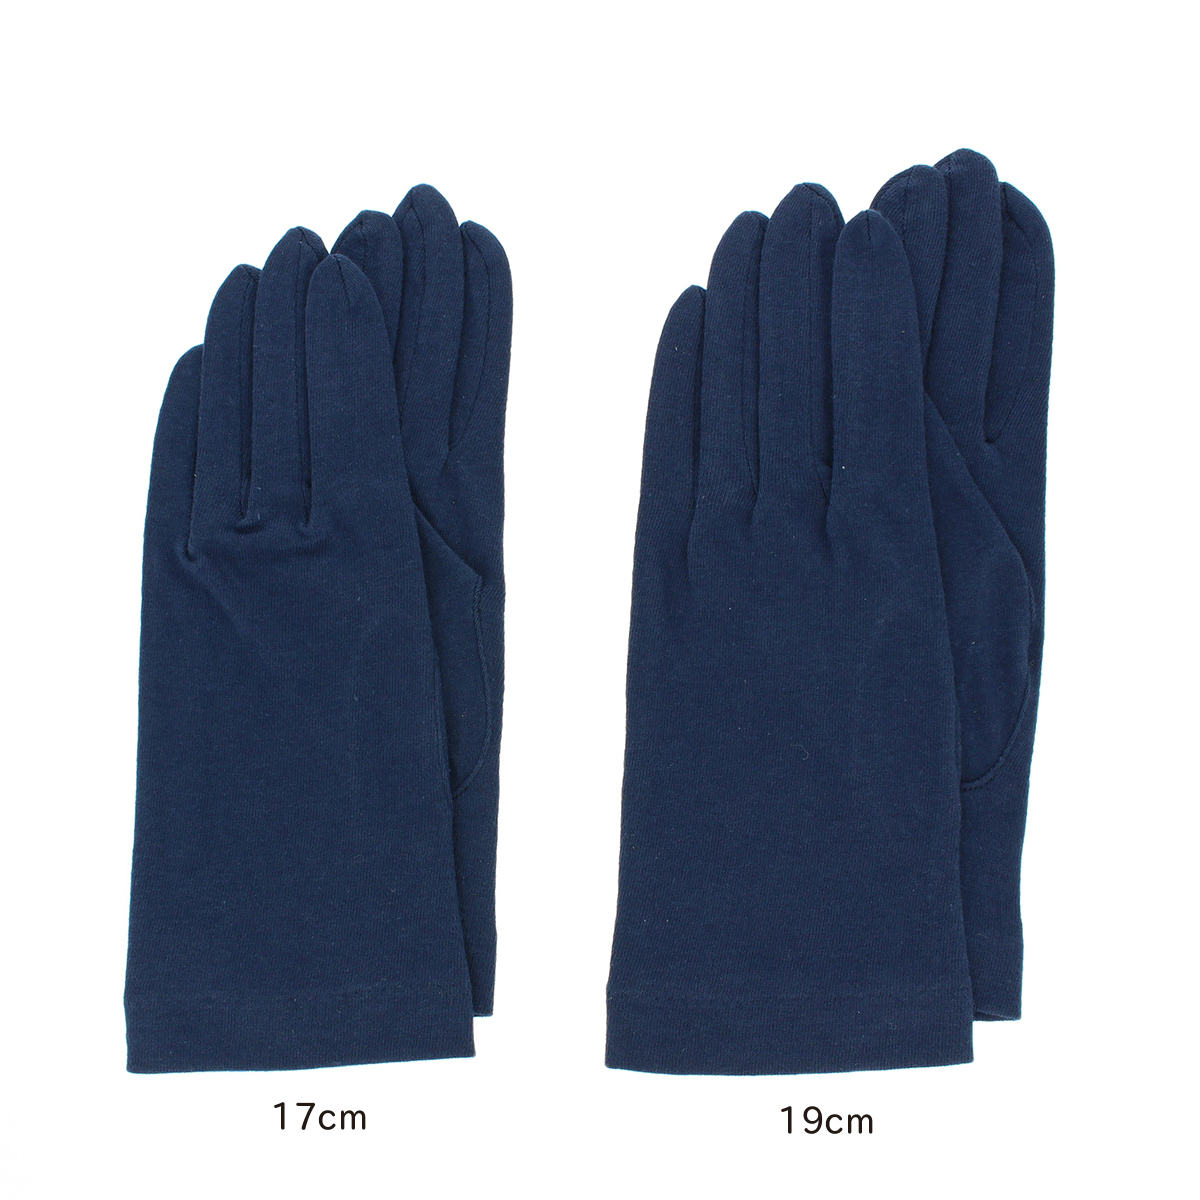 送料無料 通学 通園を安全に UV手袋 抗菌 抗ウイルス 雑菌抑制 感染リスク軽減 綿100% UVカット 五本指手袋 日本製 ショート丈 2サイズ 低学年から11歳まで